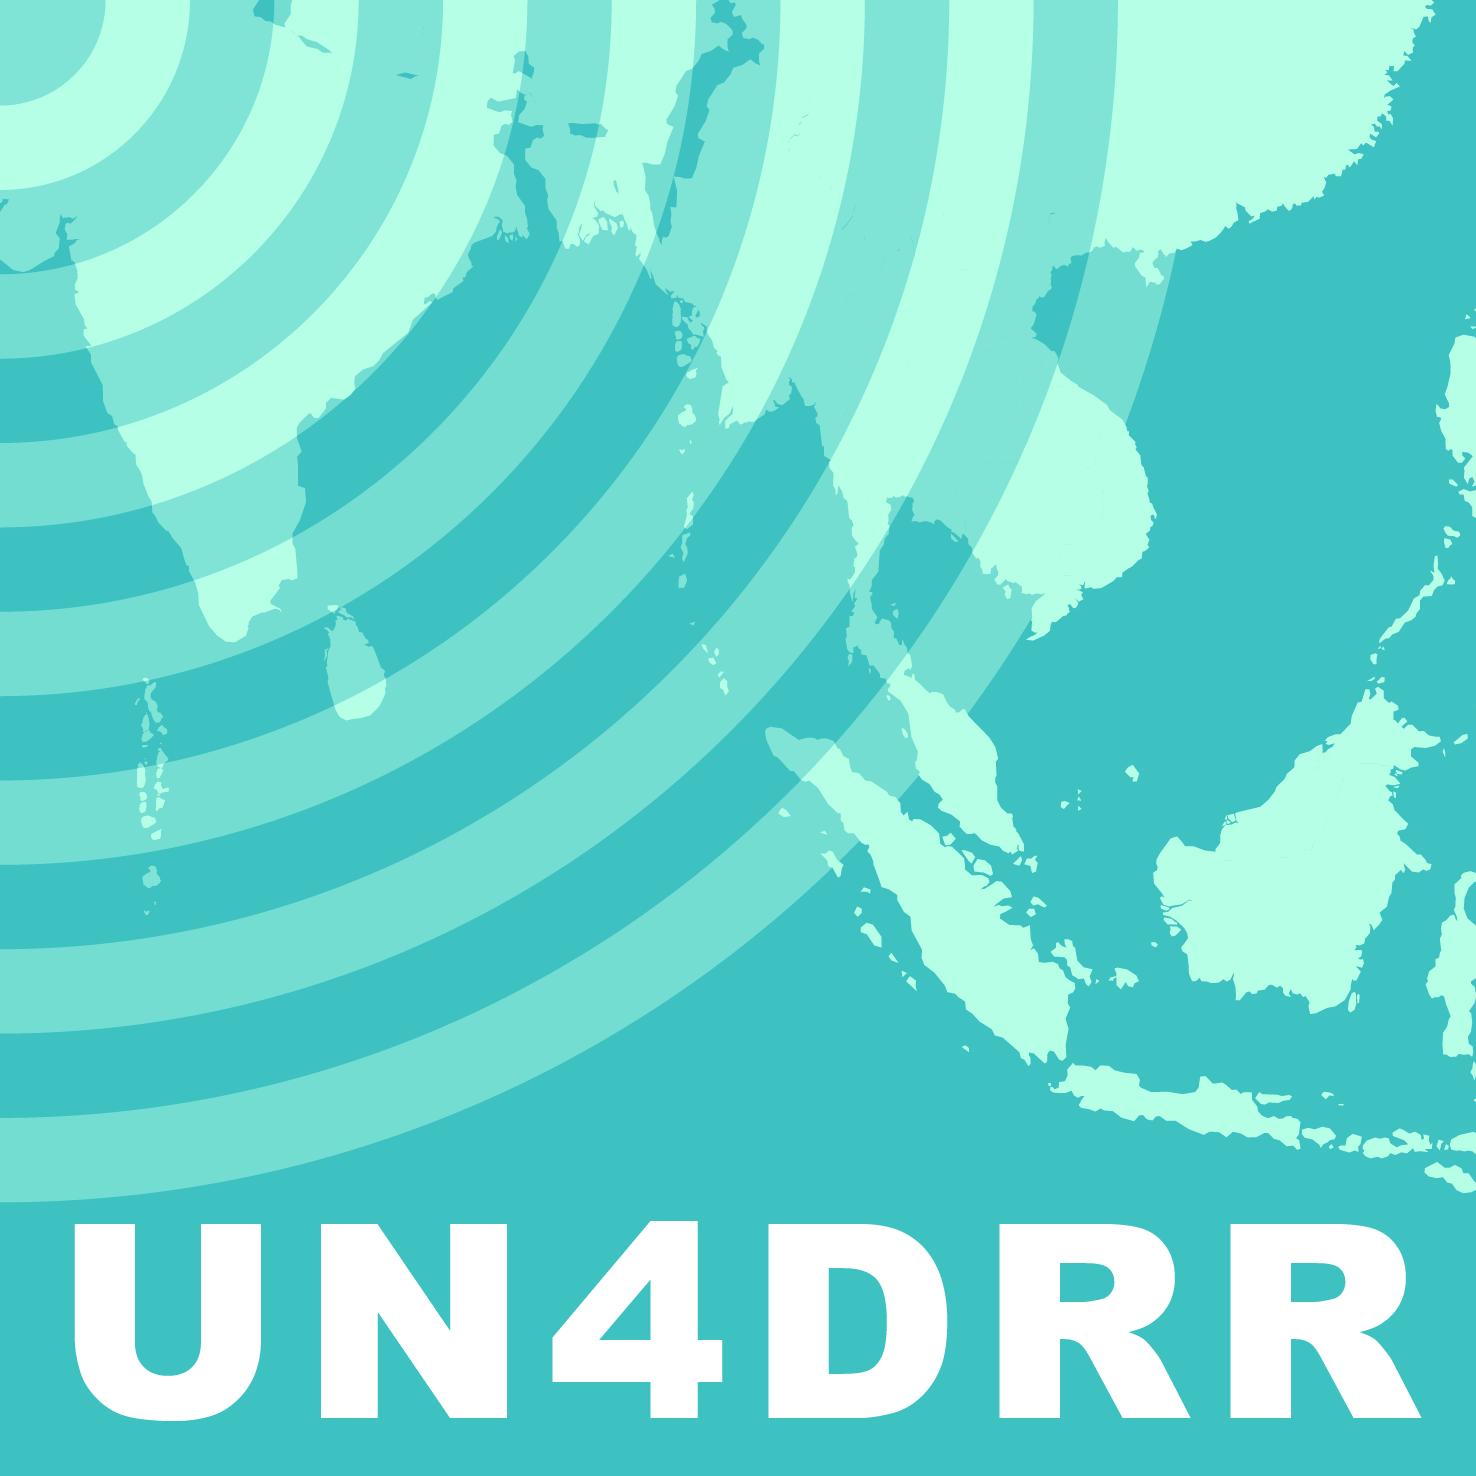 university network un4drr university network un4drr